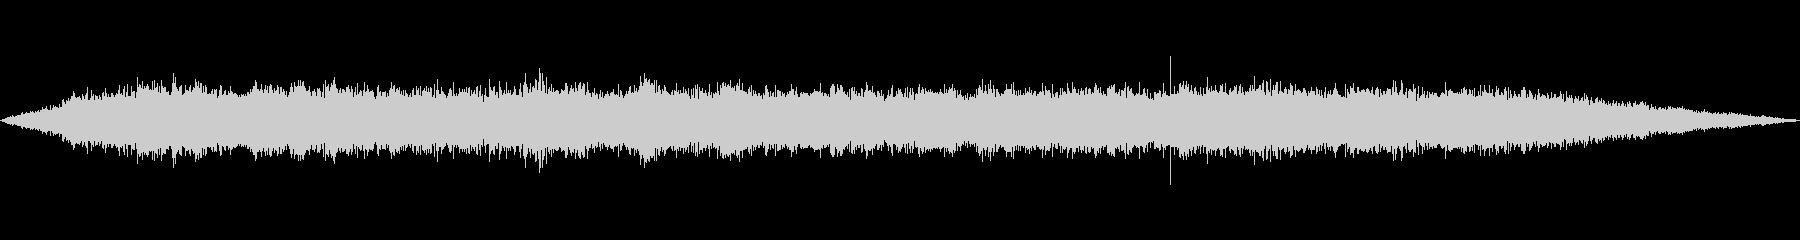 海 波 浜辺 海岸 カモメの環境音 16の未再生の波形